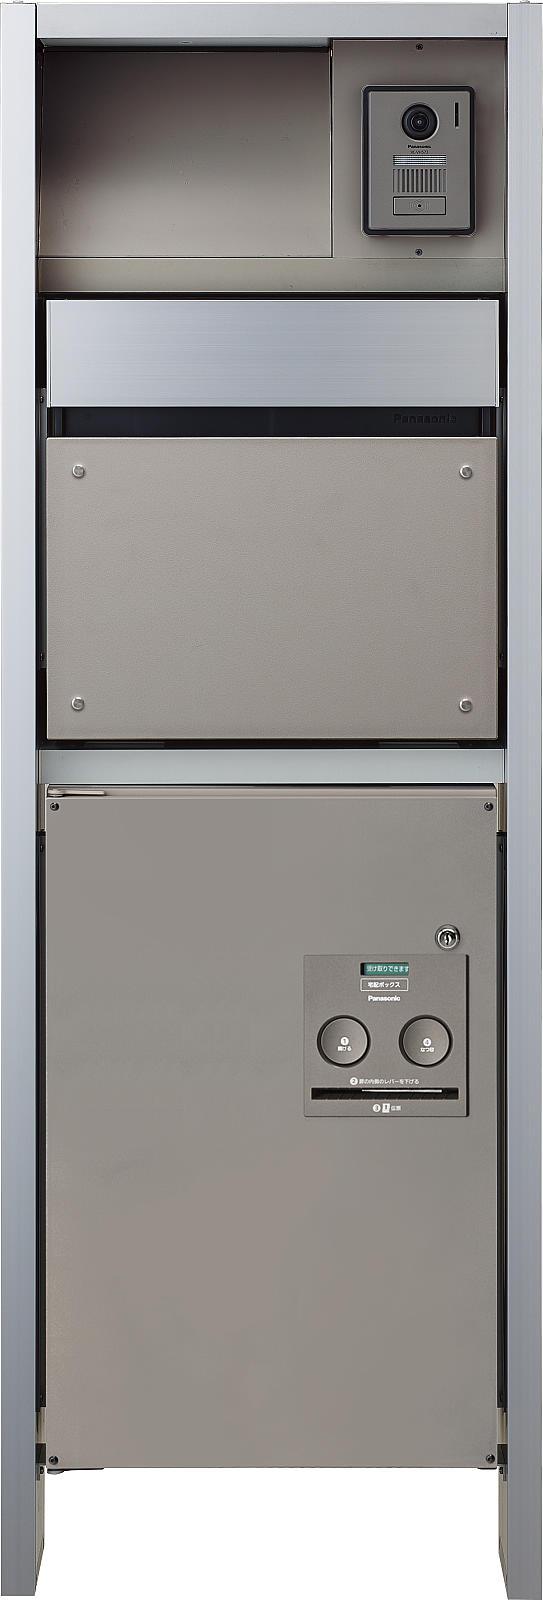 AA199ABEX-PA0080007